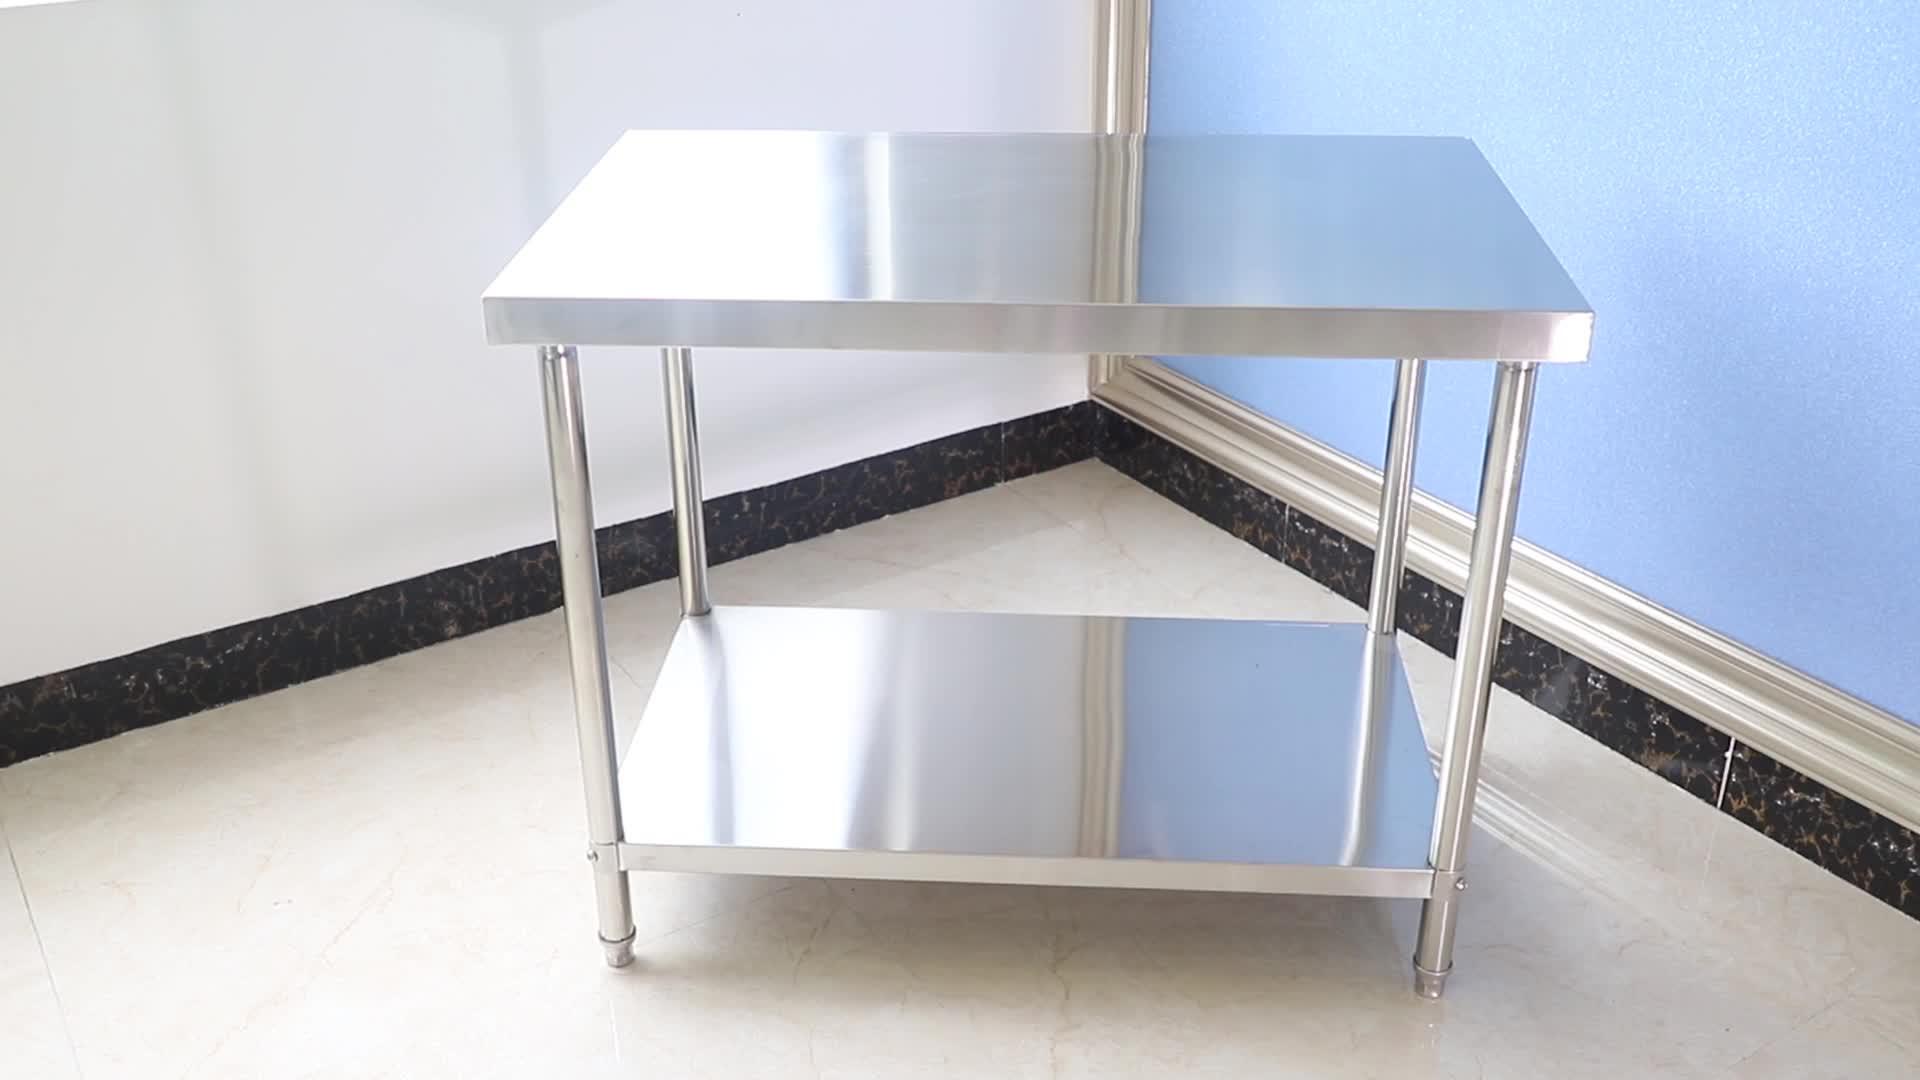 מלון מטבח שירות נירוסטה מוצק עבודה שולחן ספסל מטבח עבודת שולחן